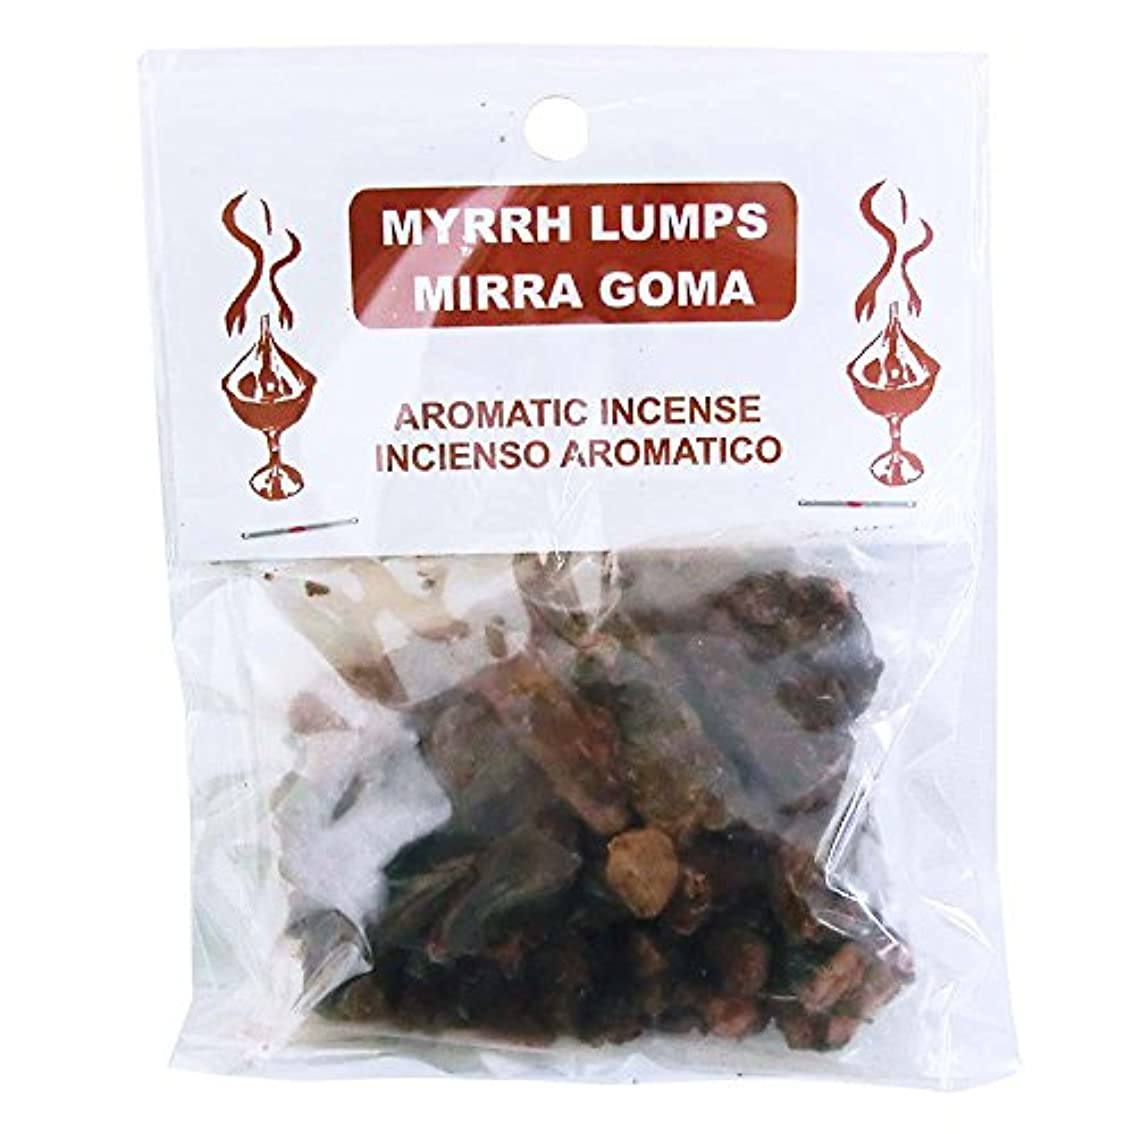 癒す暴露するチチカカ湖3KINGS Resin Incense(ヨルダンの聖別香) Myrrh Lumps